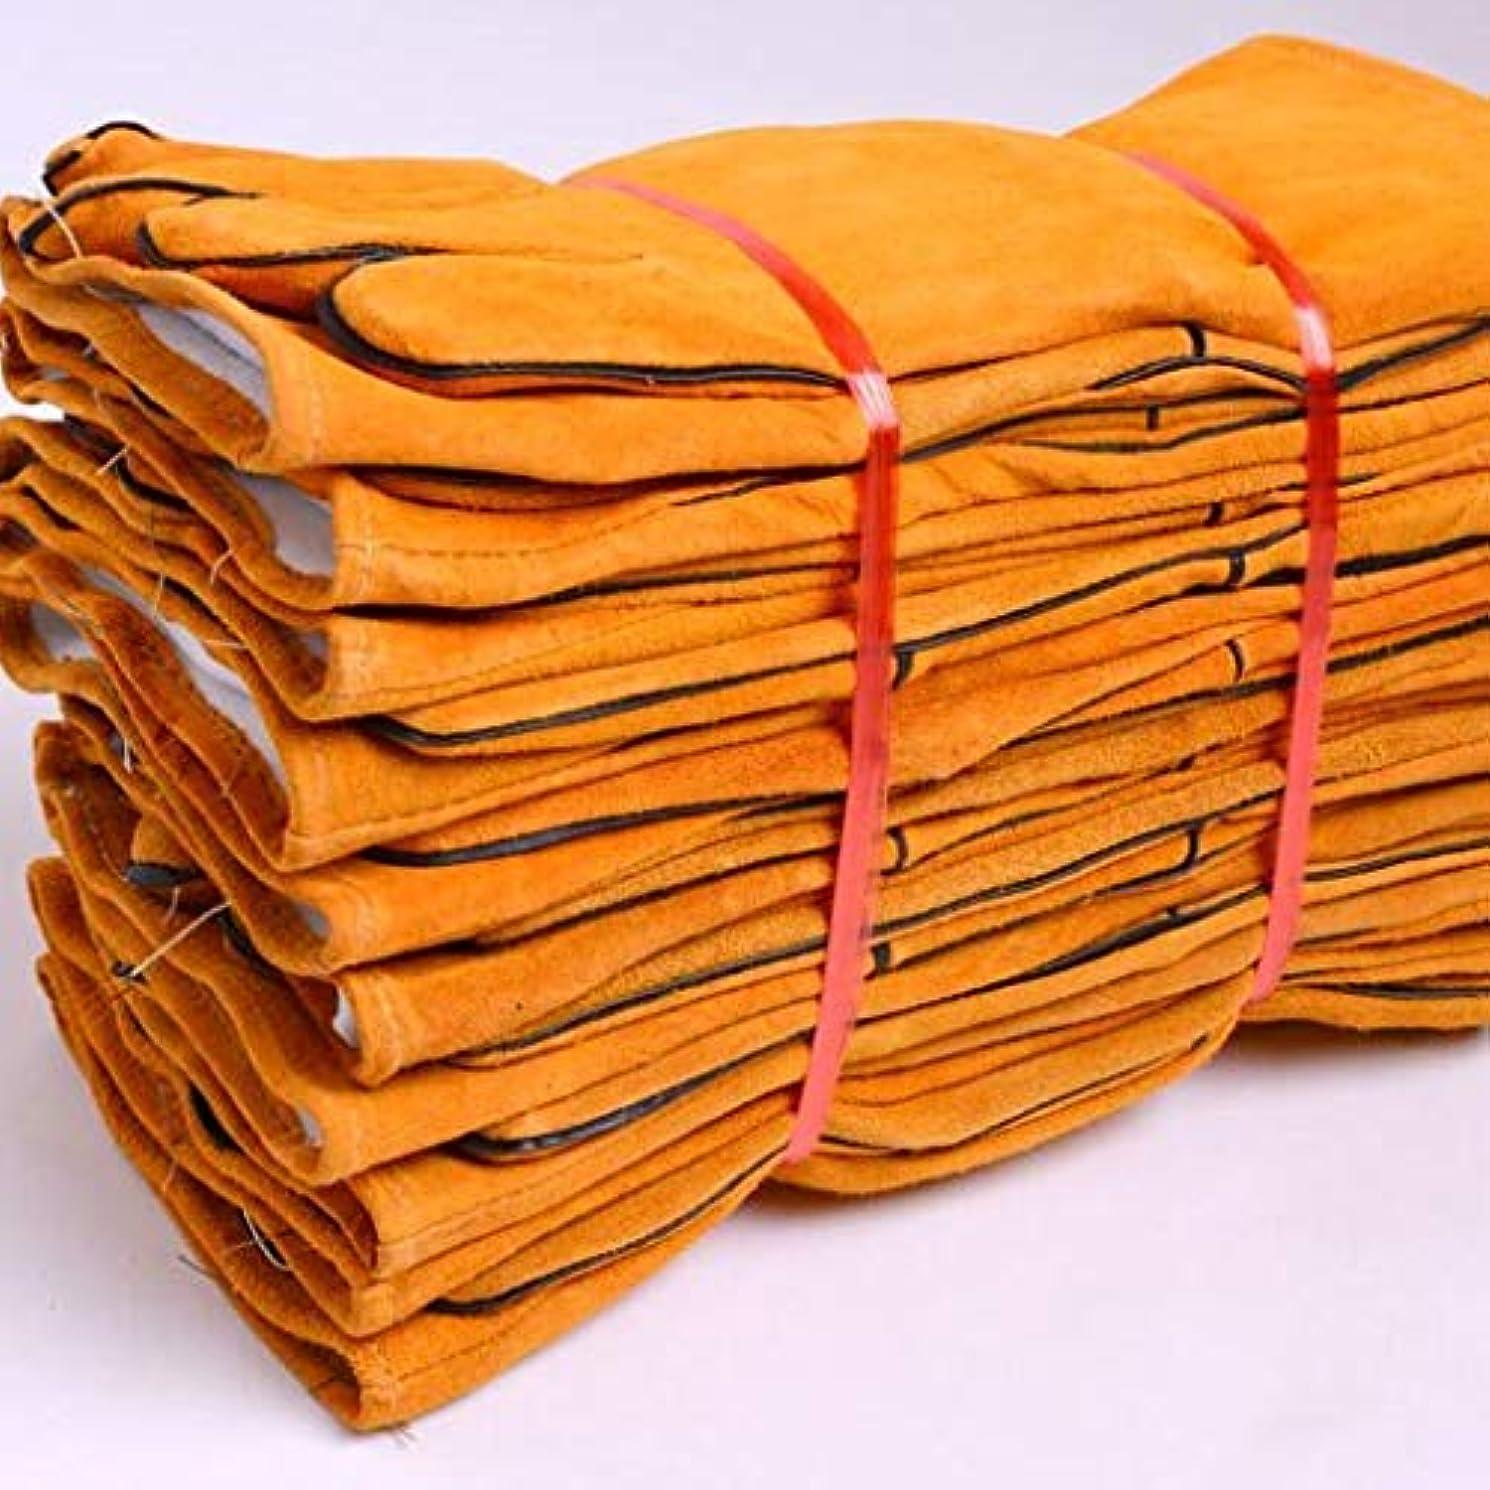 文庫本フレキシブル炎上レザーグローブ溶接機溶接溶接溶接機の手袋耐摩耗性の長い厚い耐熱絶縁の抗スケーリング8ペア SHWSM (Color : Yellow)